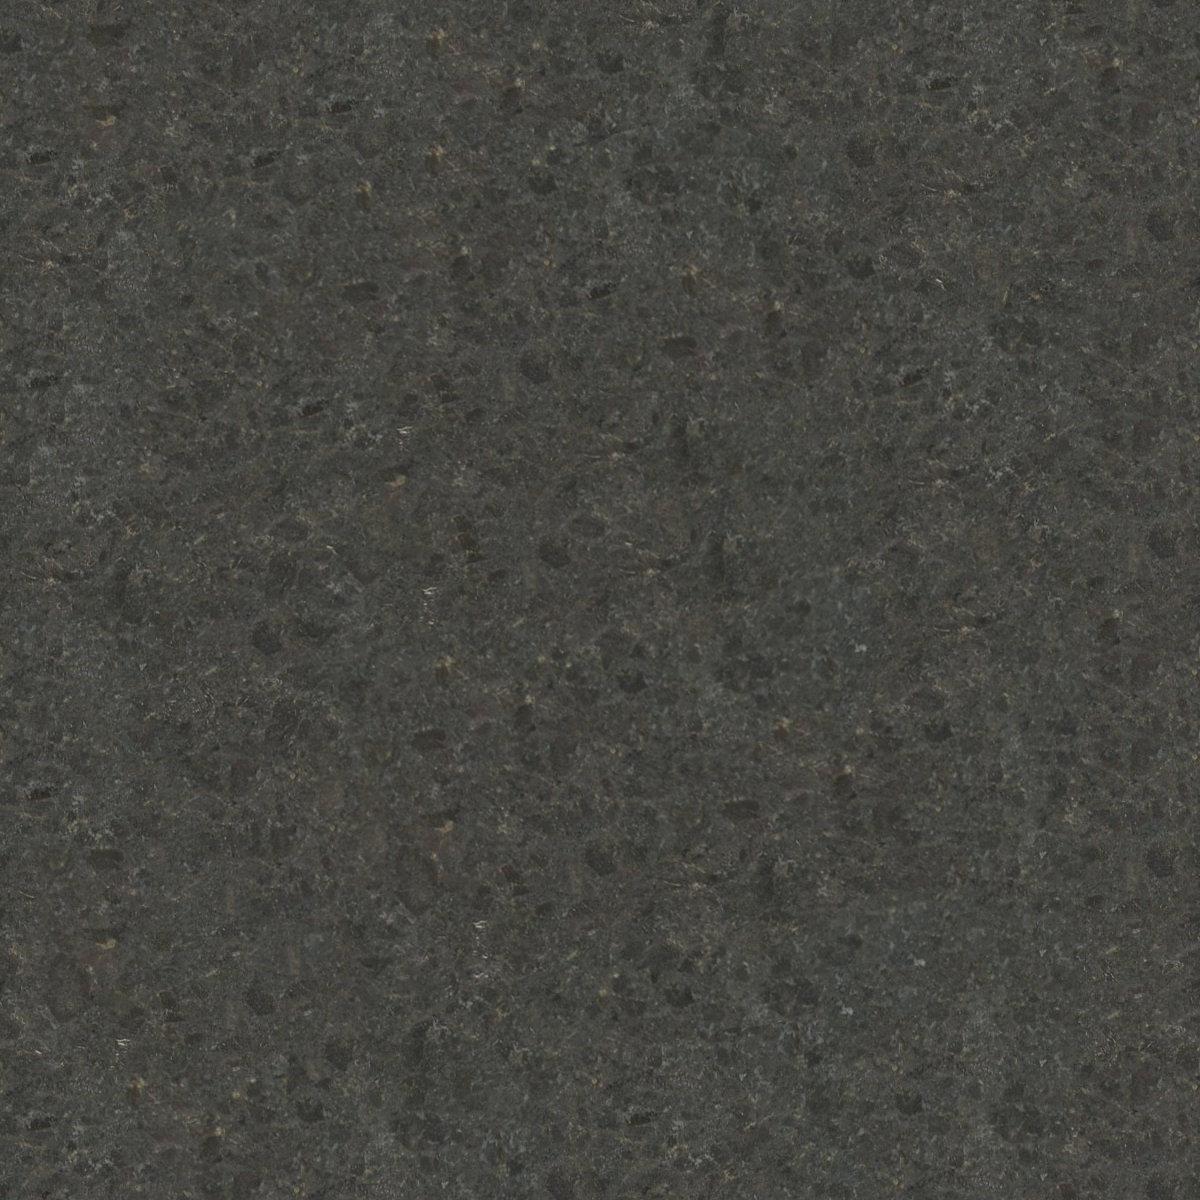 Black Granite Texture : Swtexture free architectural textures dark granite